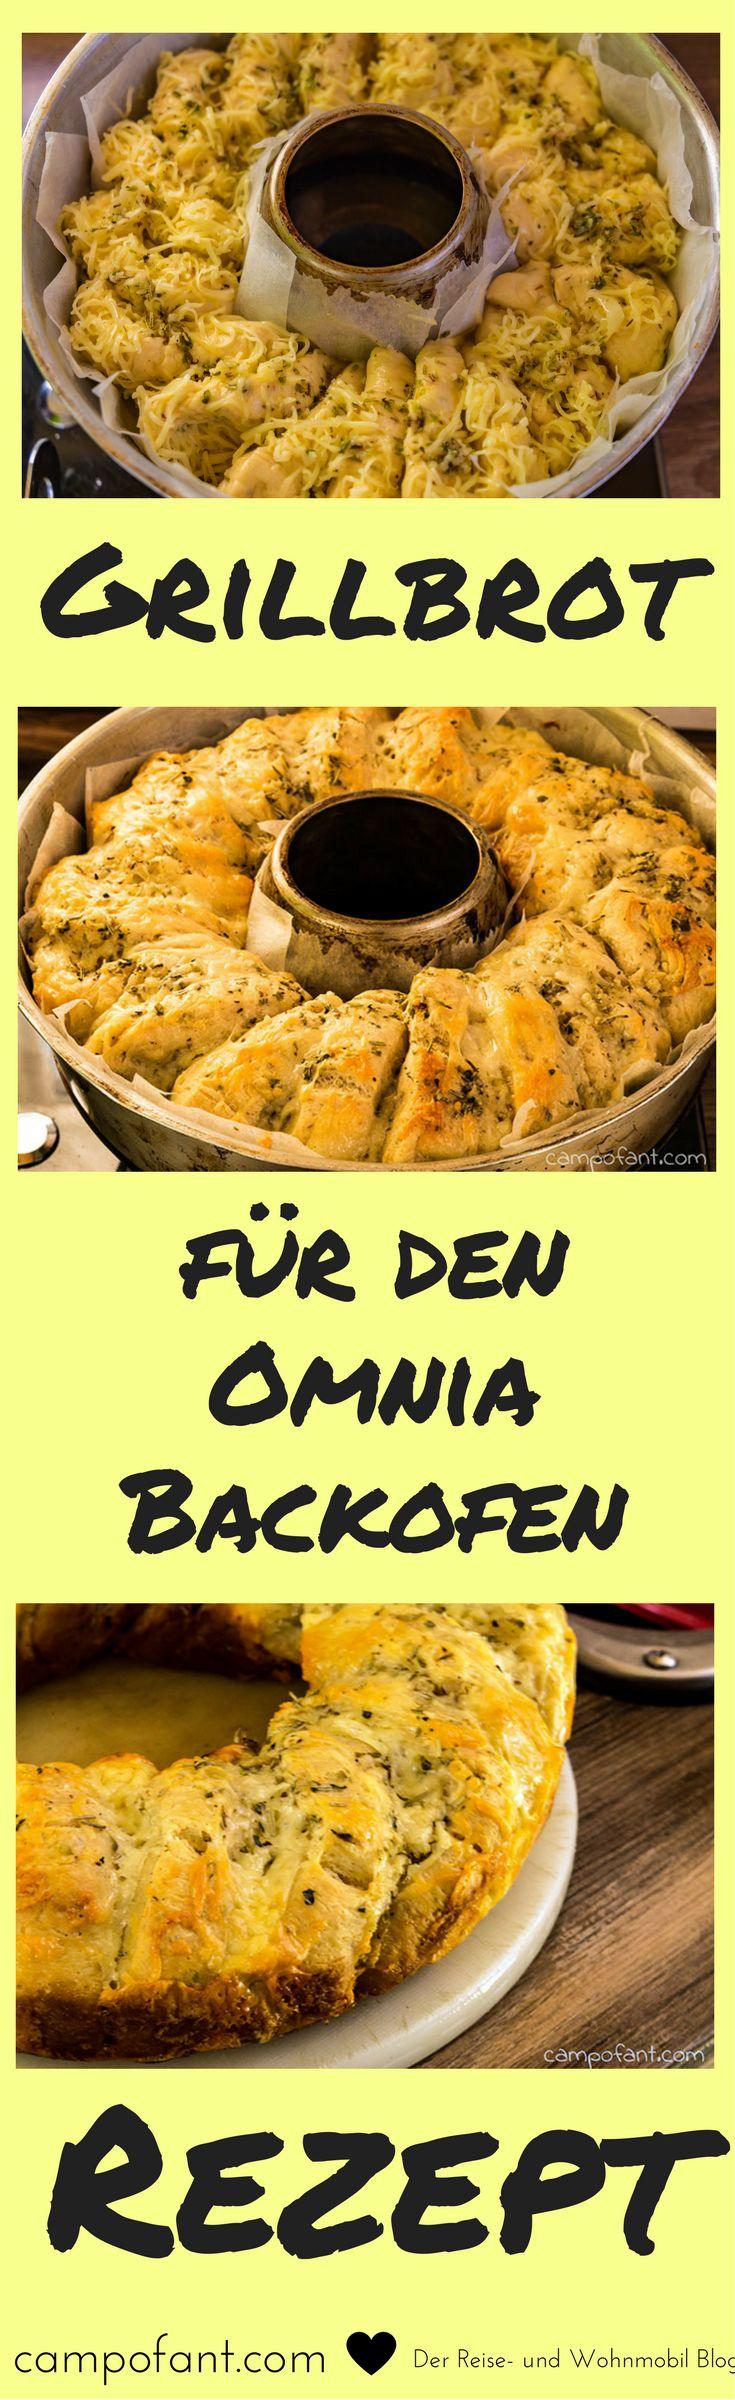 Dieses Knoblauch-Käse-Kräuter-Brot eignet sich hervorragend als Grillbrot. Super lecker, sehr würzig und richtig knusprig. So muss eine Beilage zum Grillen sein. Aber auch als Snack eignet sich dieses Brot mit Knoblauch, Käse und Kräutern ganz wunderbar. Dieses Rezept ist speziell für den Omnia Backofen ausgelegt. Das ideale Brot beim Camping.